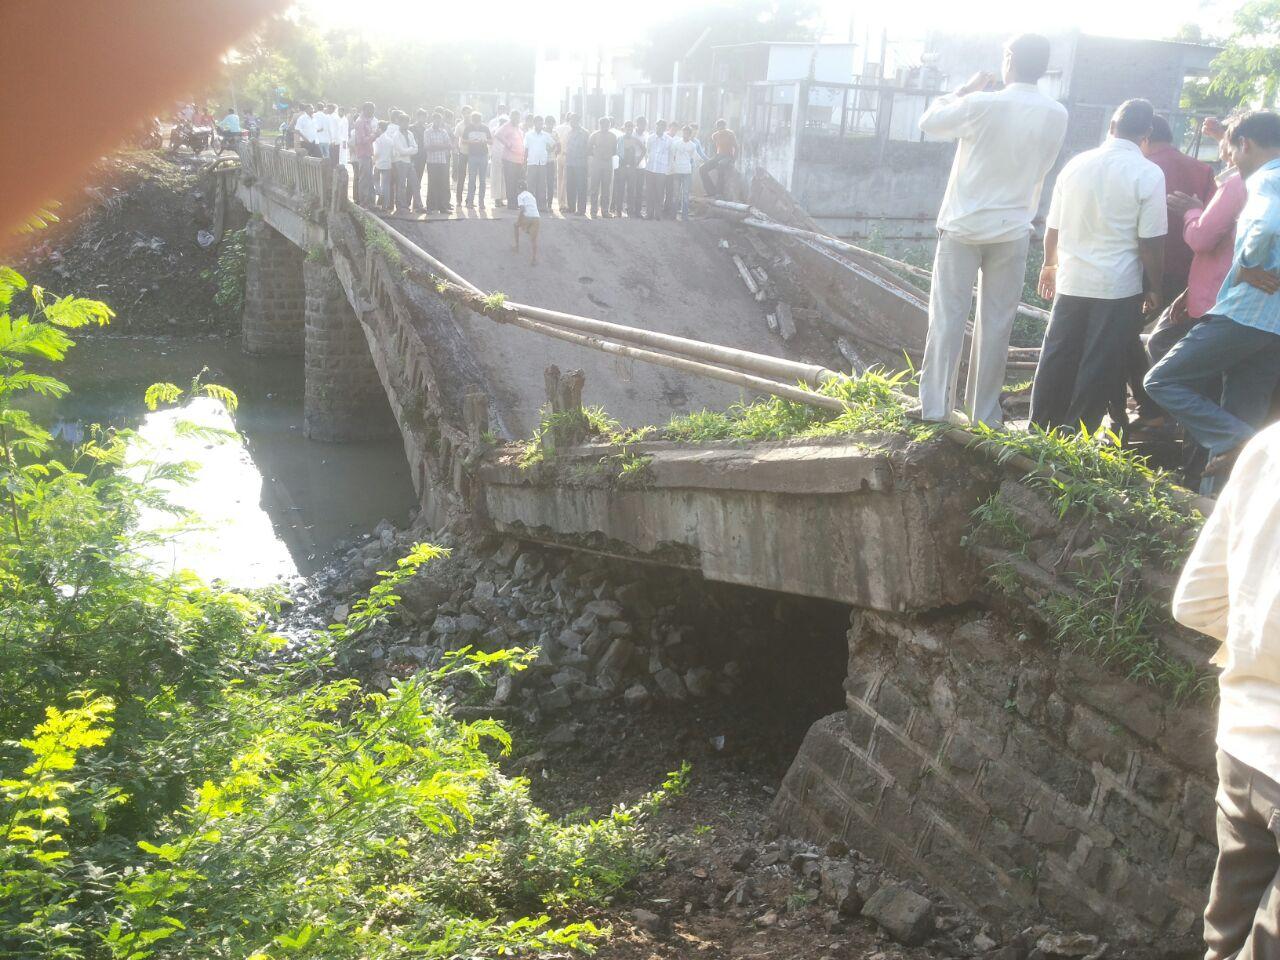 अचानक हा पूल कोसळला सुदैवाने यात कुणालाही दुखापत झाली नाही